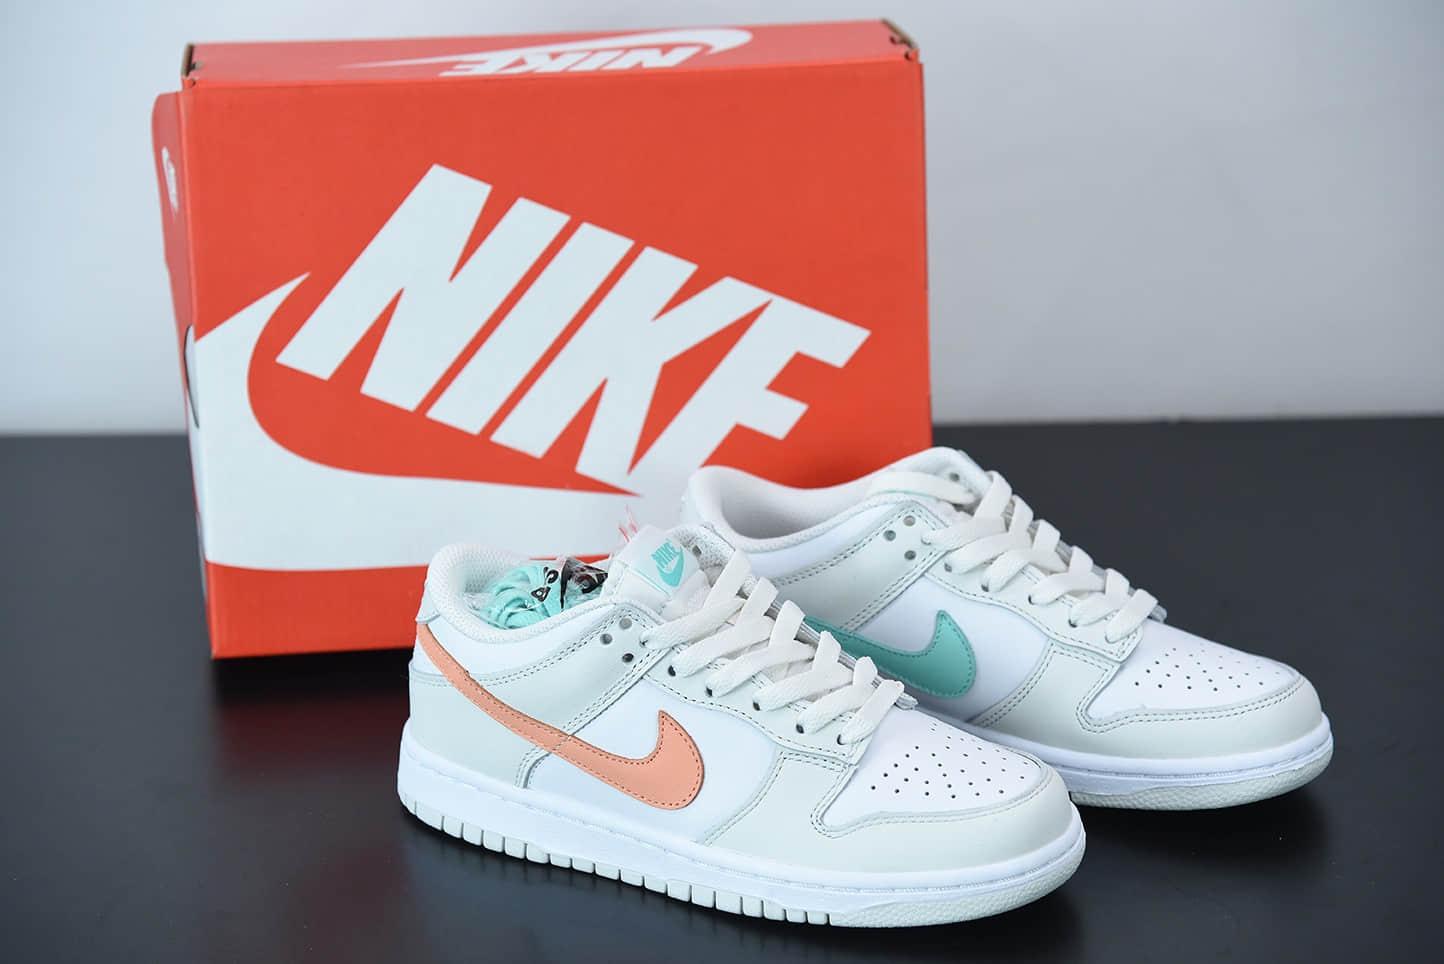 耐克Nike Dunk SB Low 象牙白拼接鸳鸯配色运动滑板鞋纯原版本 货号:CW1590-101